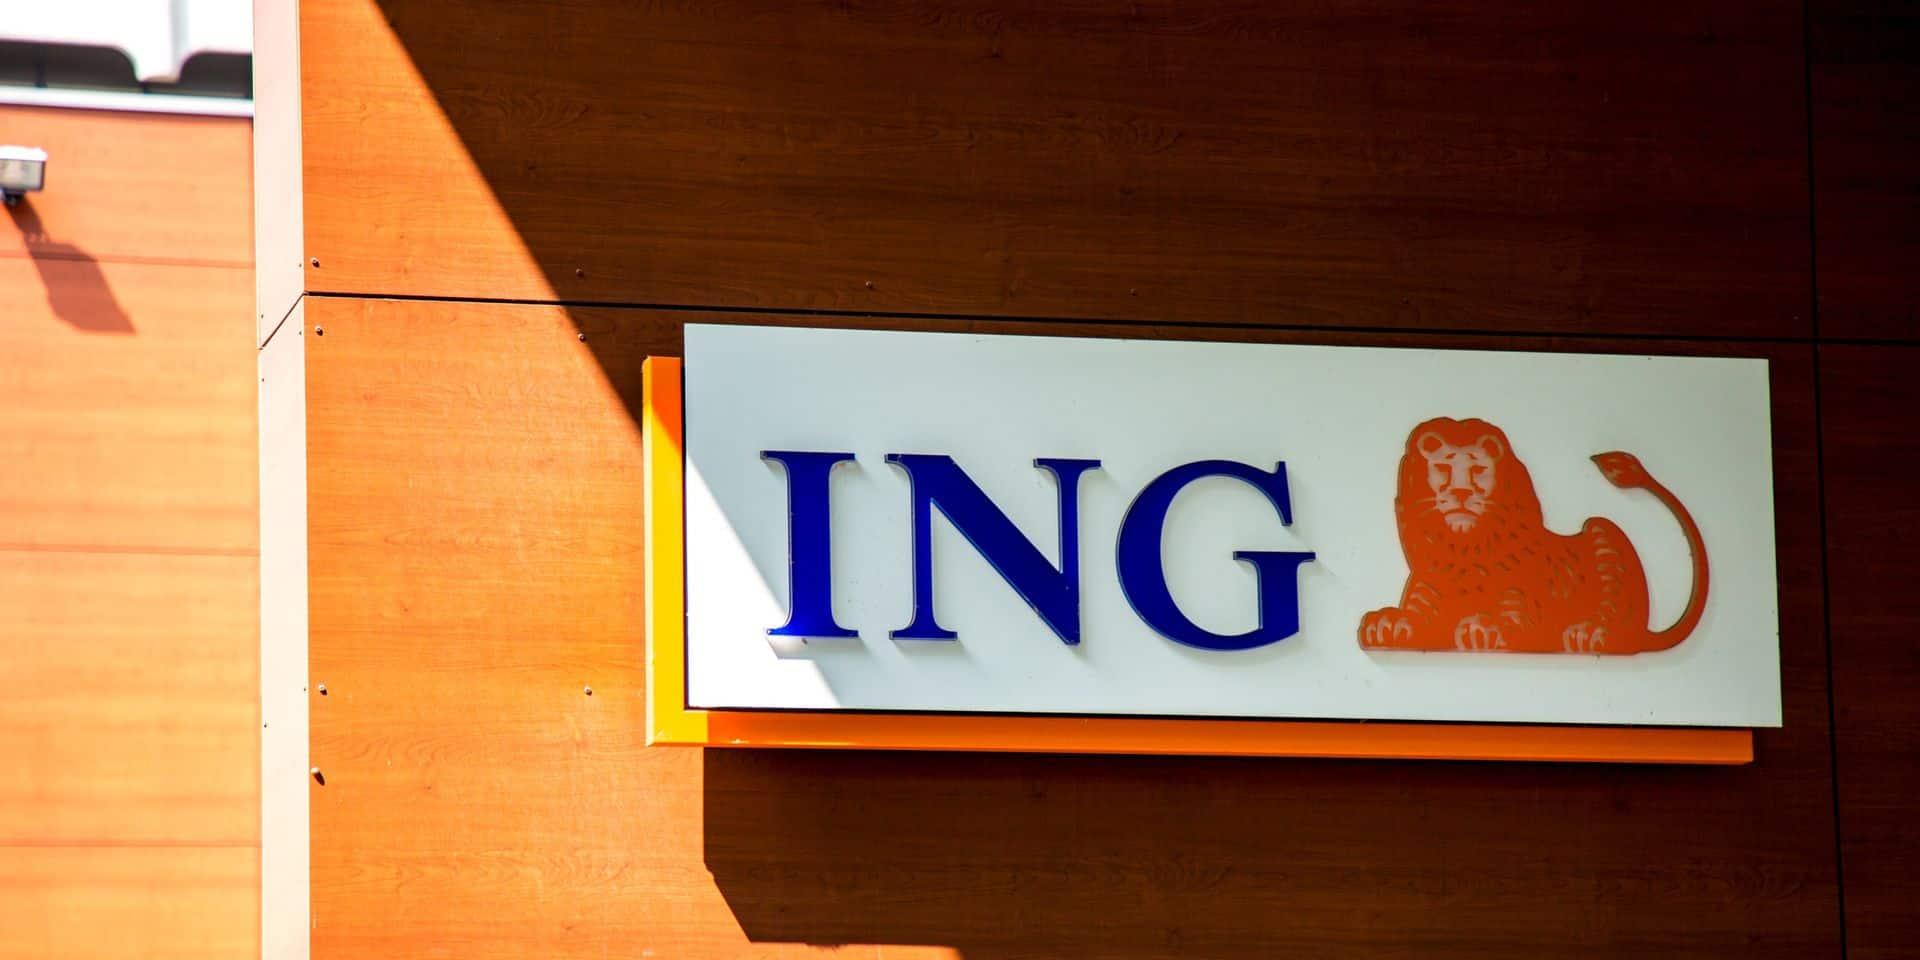 Mauvaise nouvelle pour les utilisateurs ING: ils devront désormais payer pour retirer de l'argent